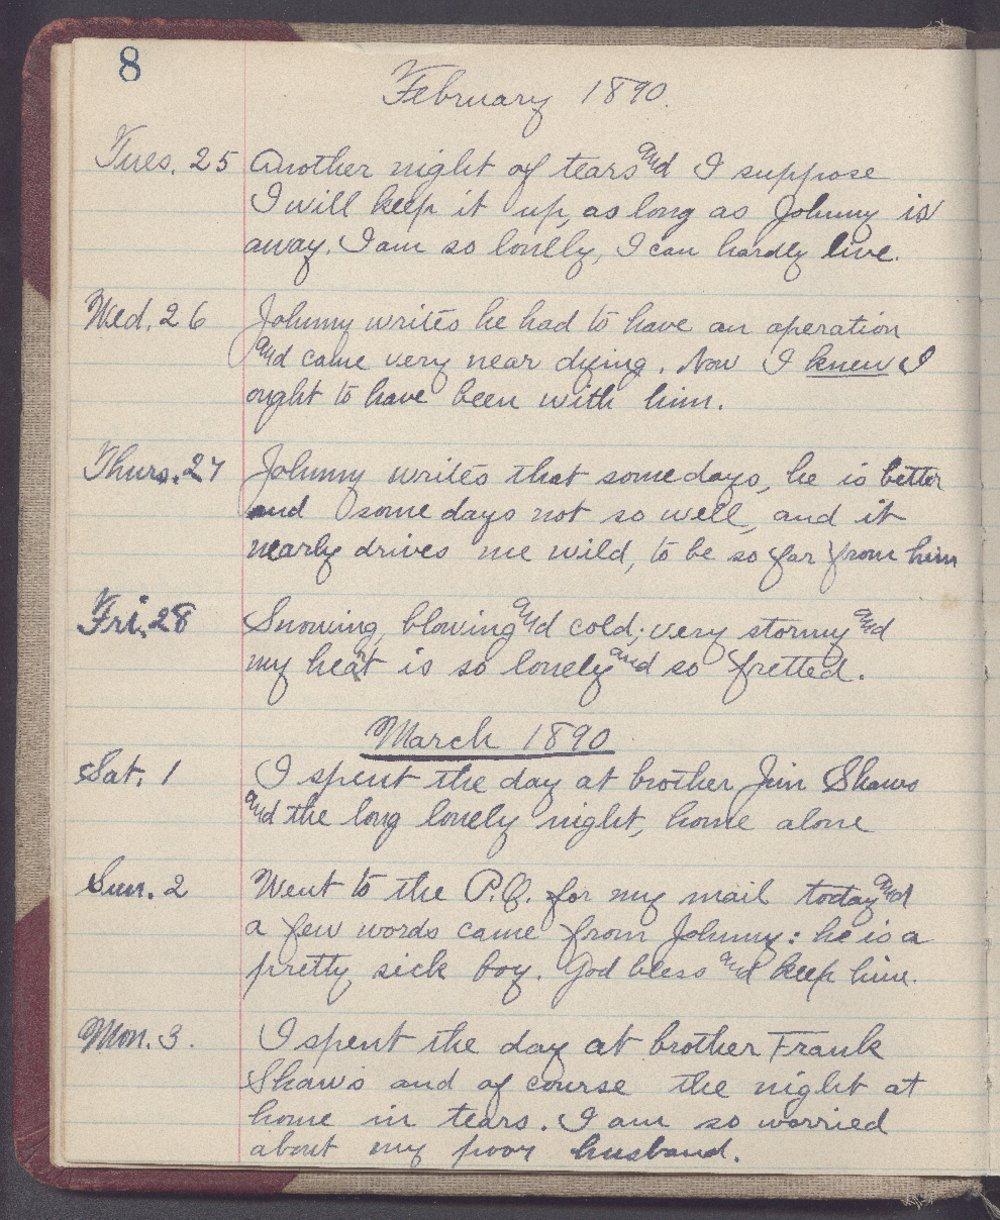 Martha Farnsworth diary - 8